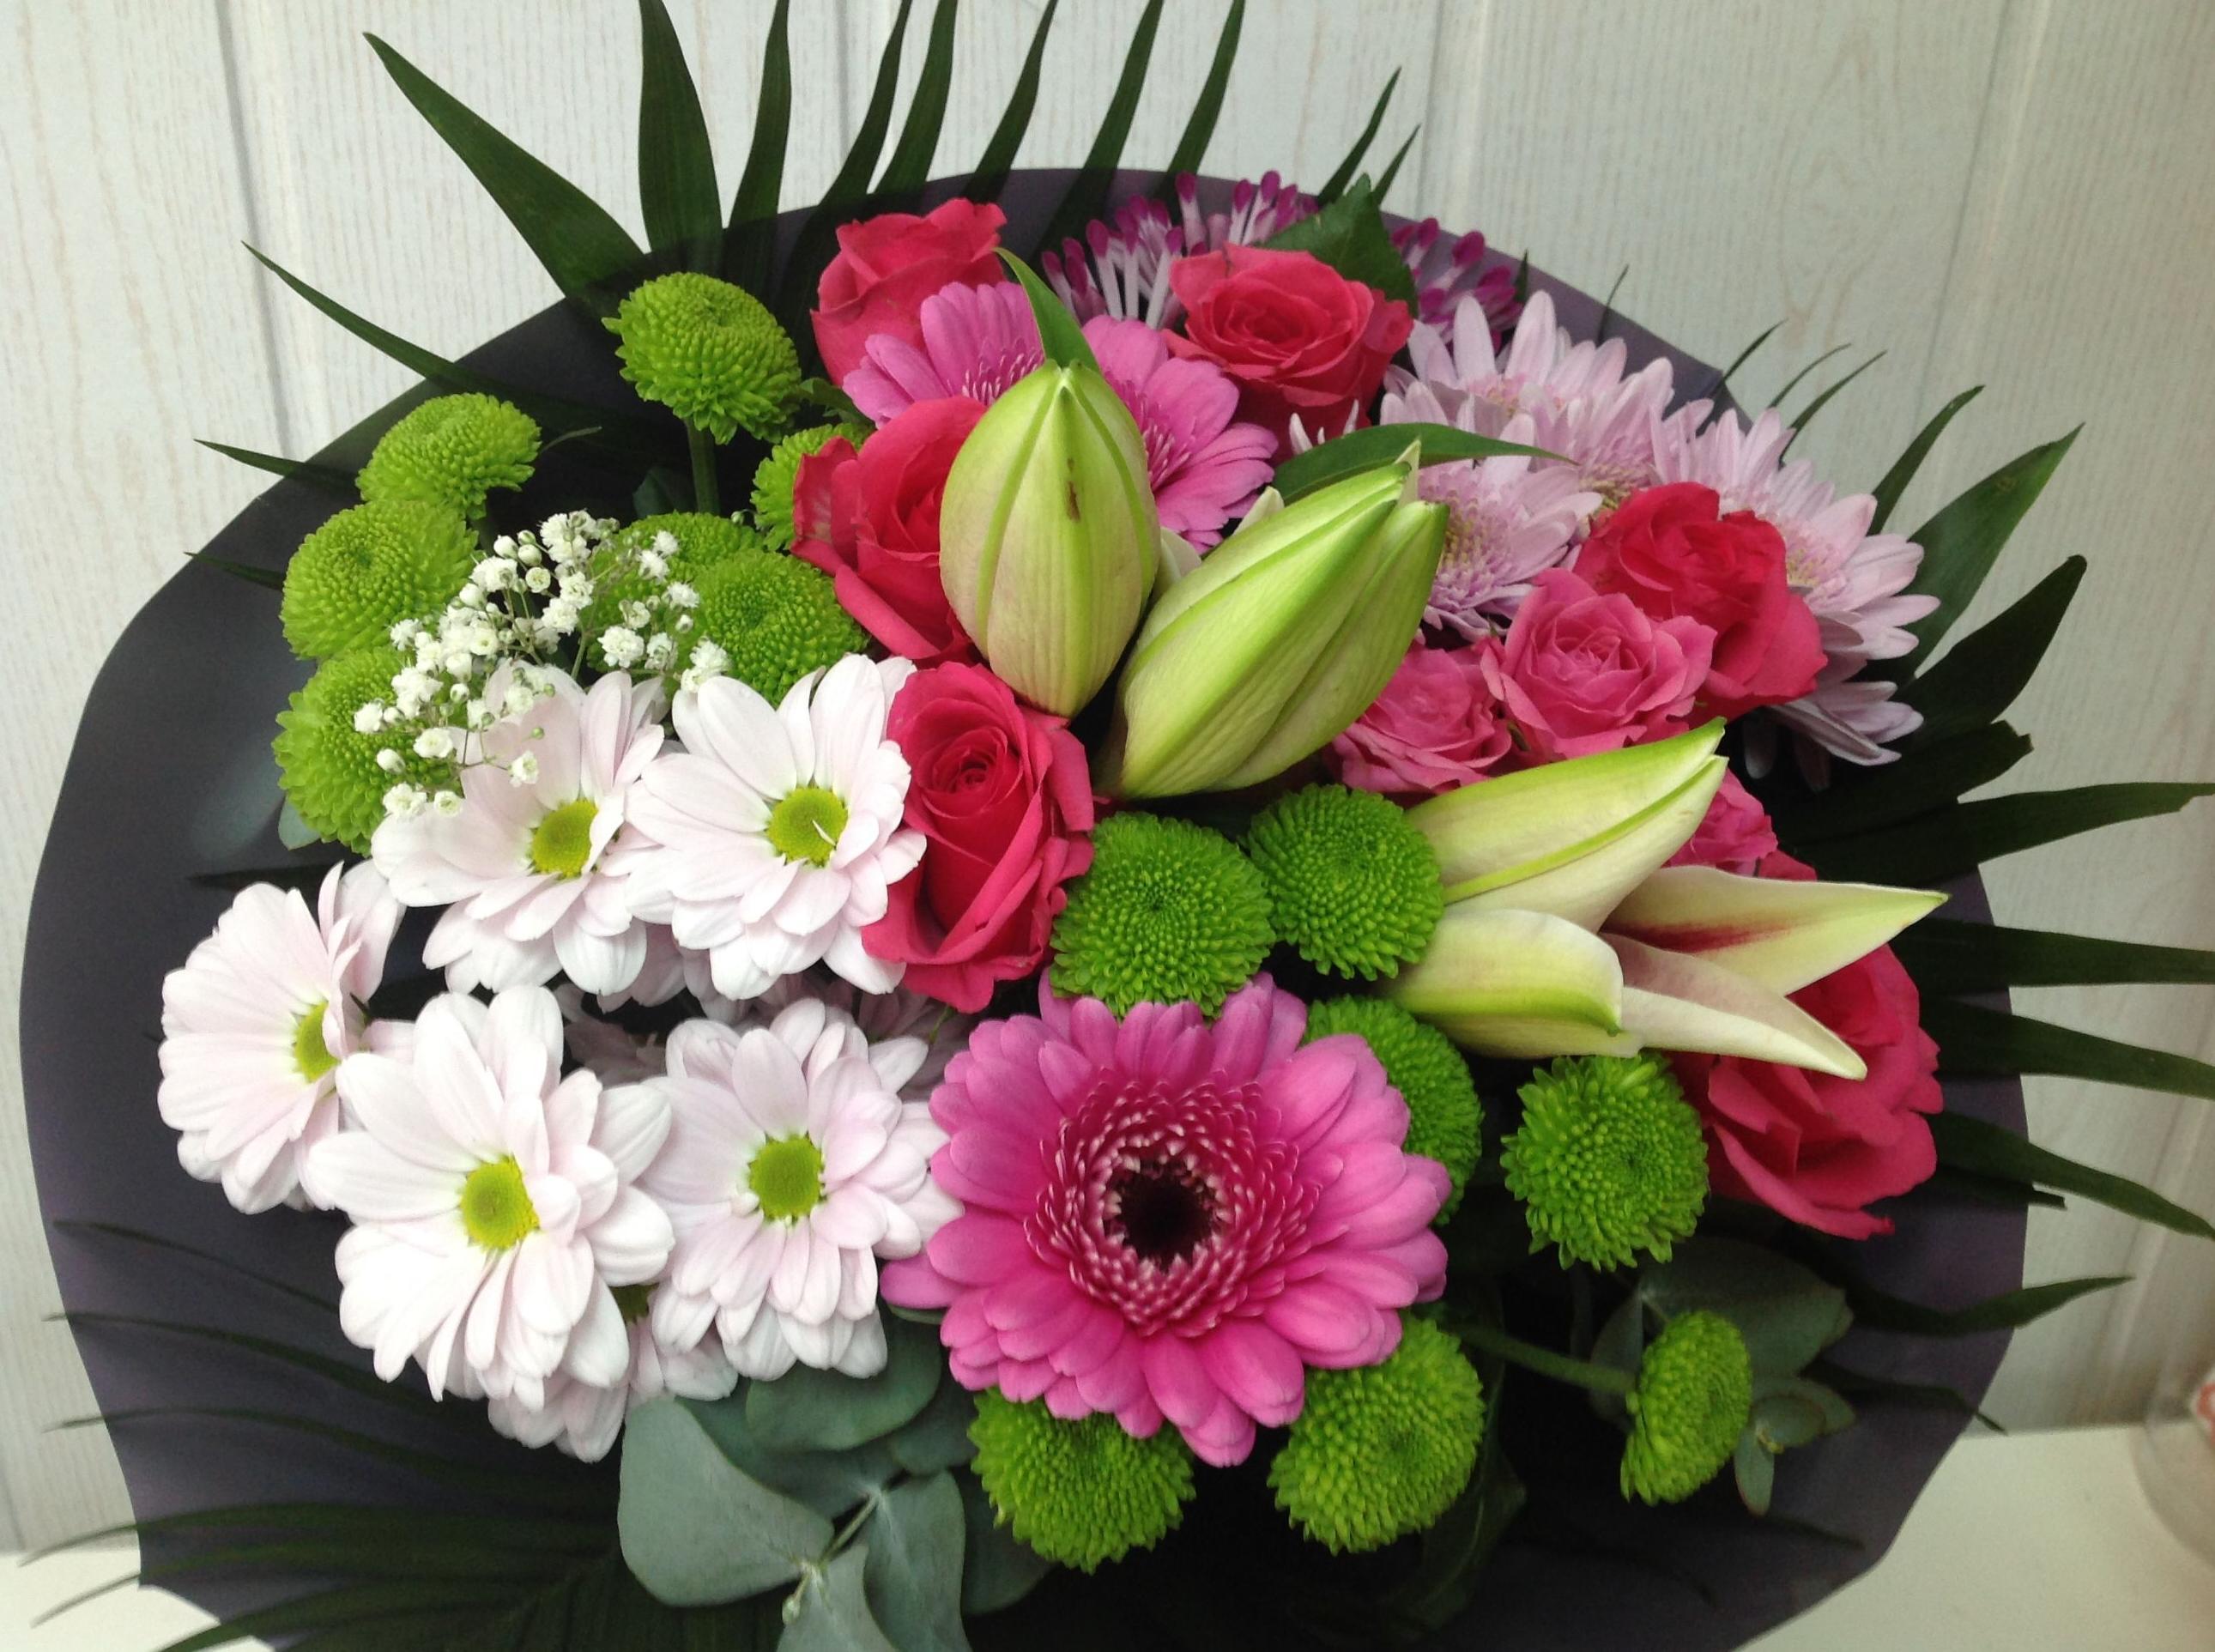 Ramos de flor variada: Catálogo de Flores Maranta